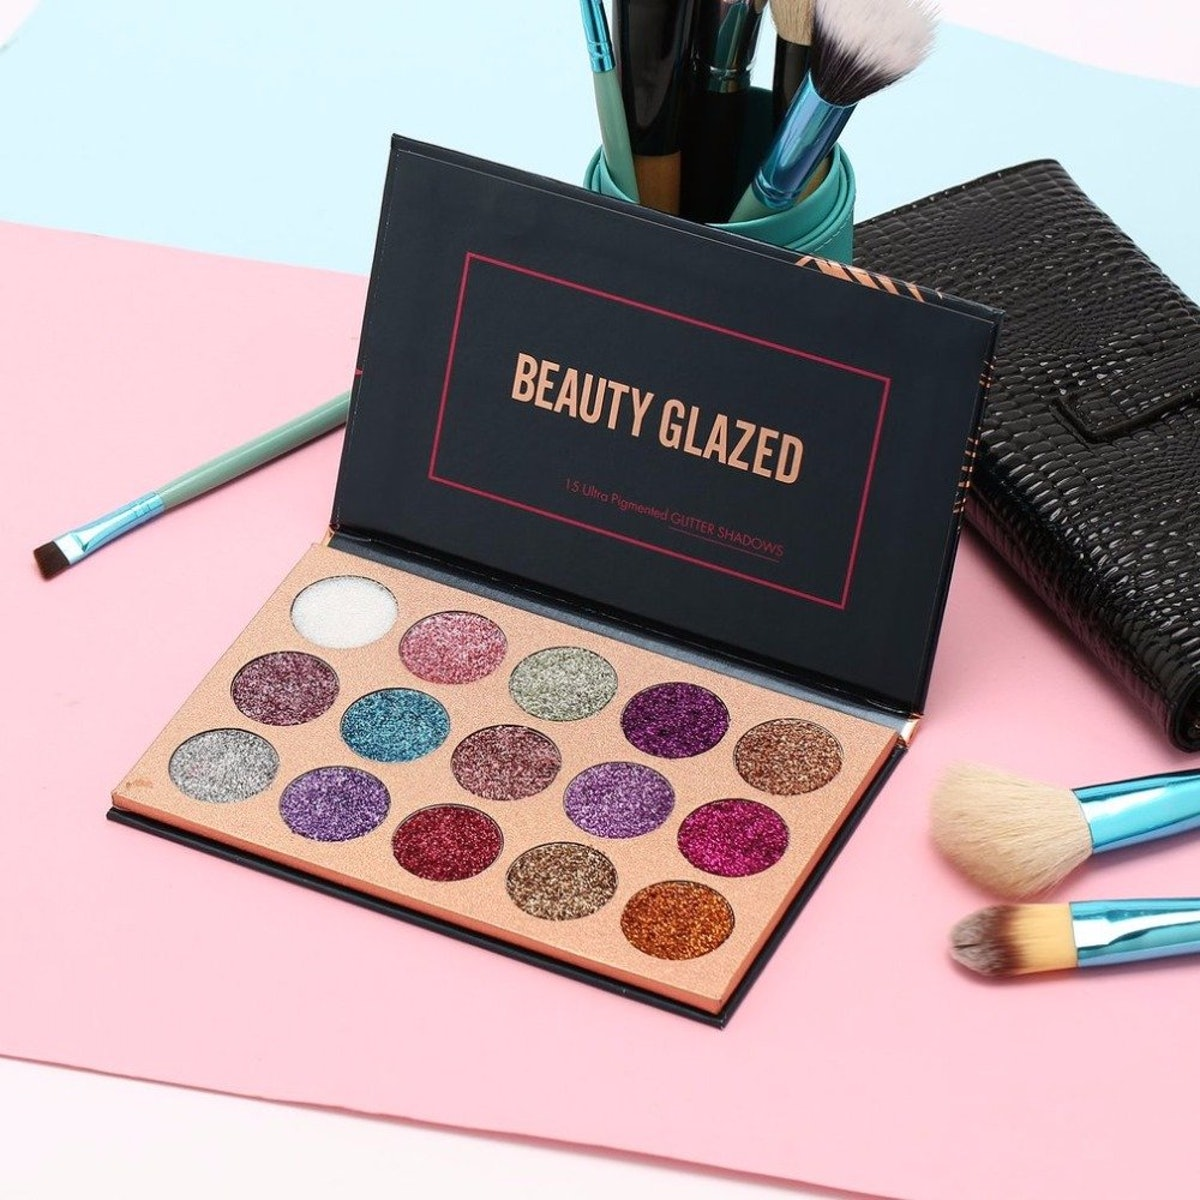 Beauty Glazed Eye Shadow Palette